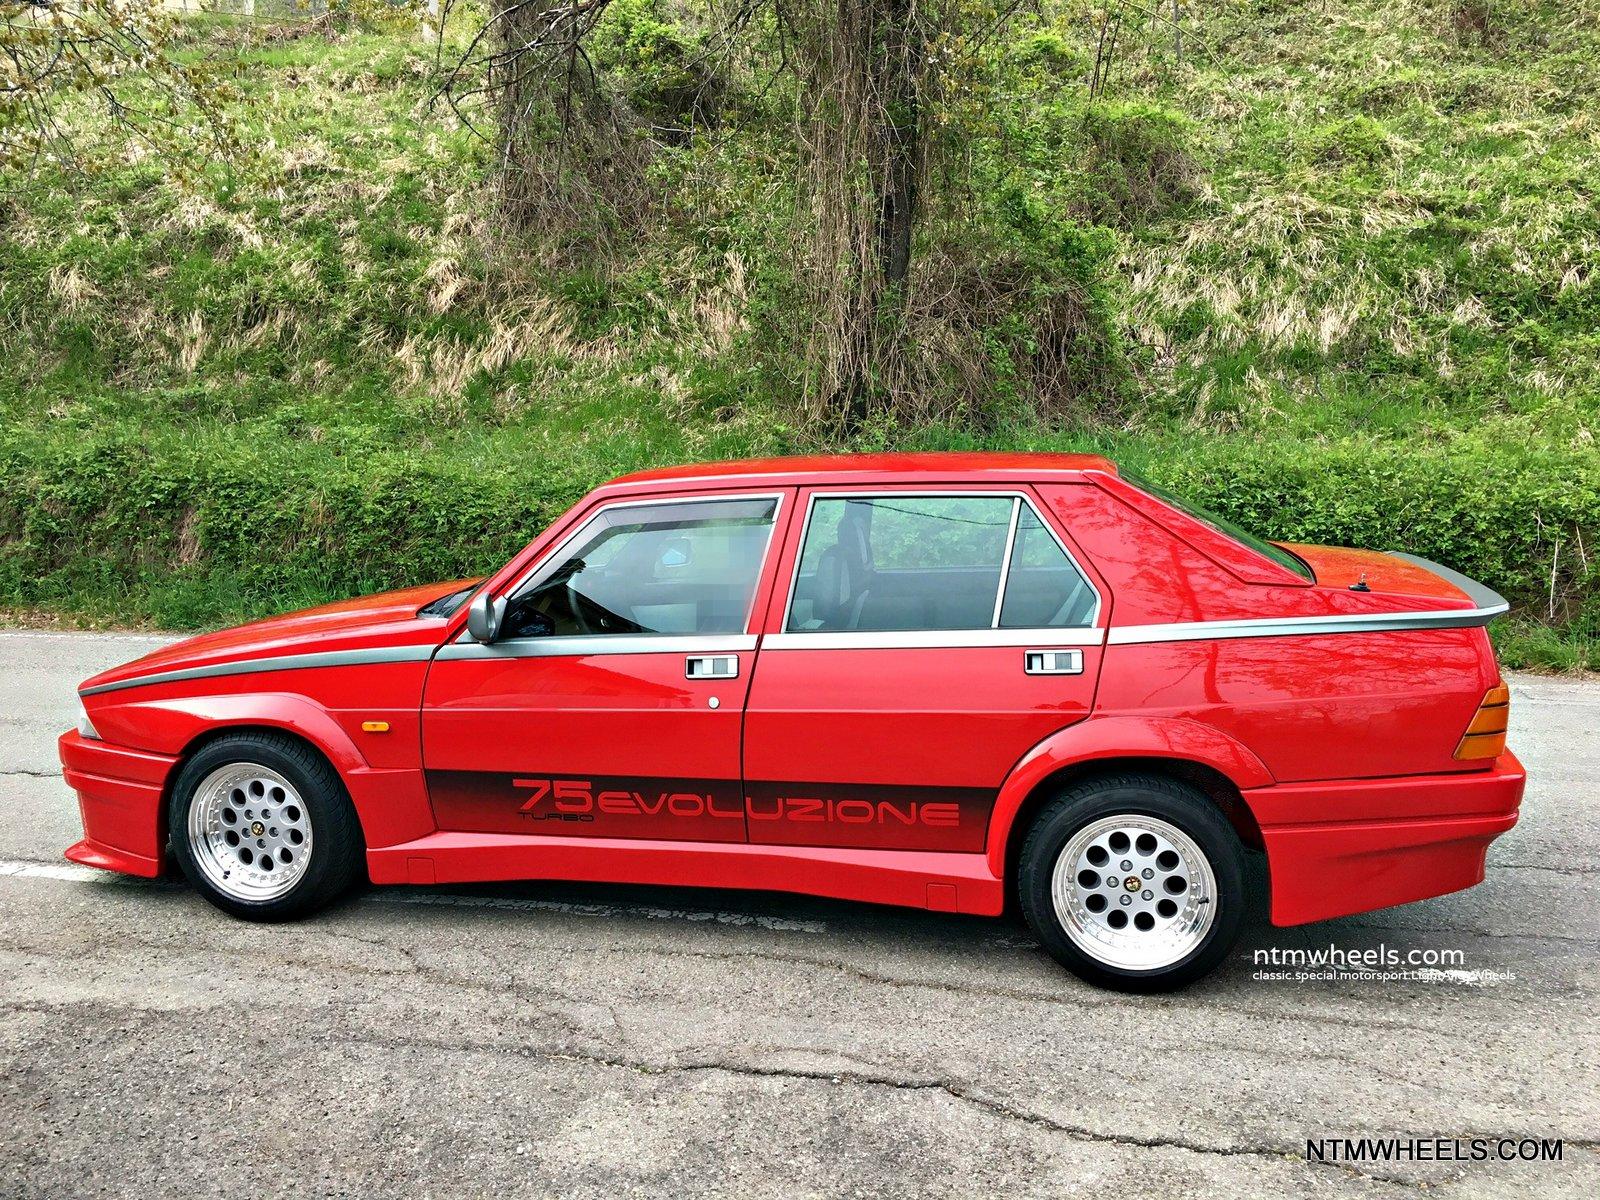 Ar Rzsz 8x15 Silverpolished Alfa Romeo 75 Evoluzione 001 1 Ntm Wheels